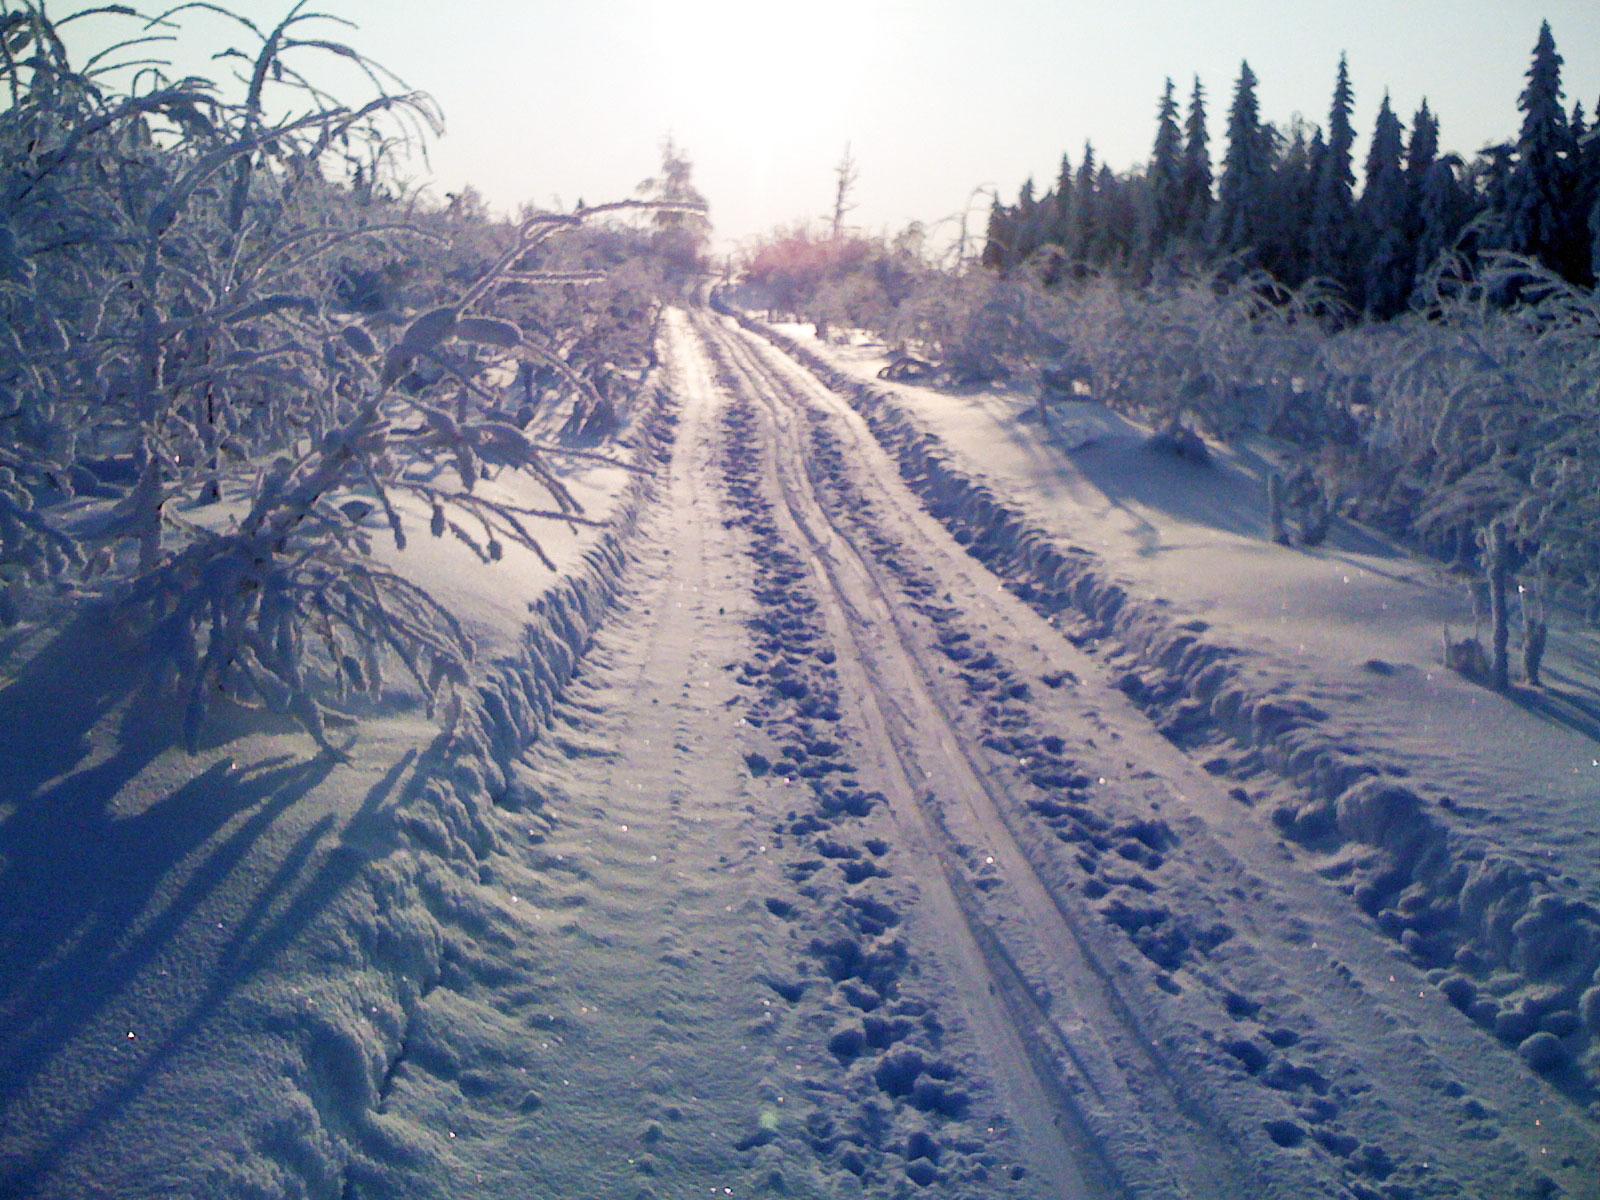 Harsa – ett paradis för längdskidor med massor med mil av skidspår.